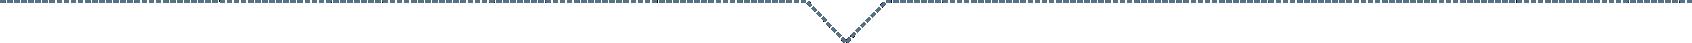 пиктограмма разделитель9